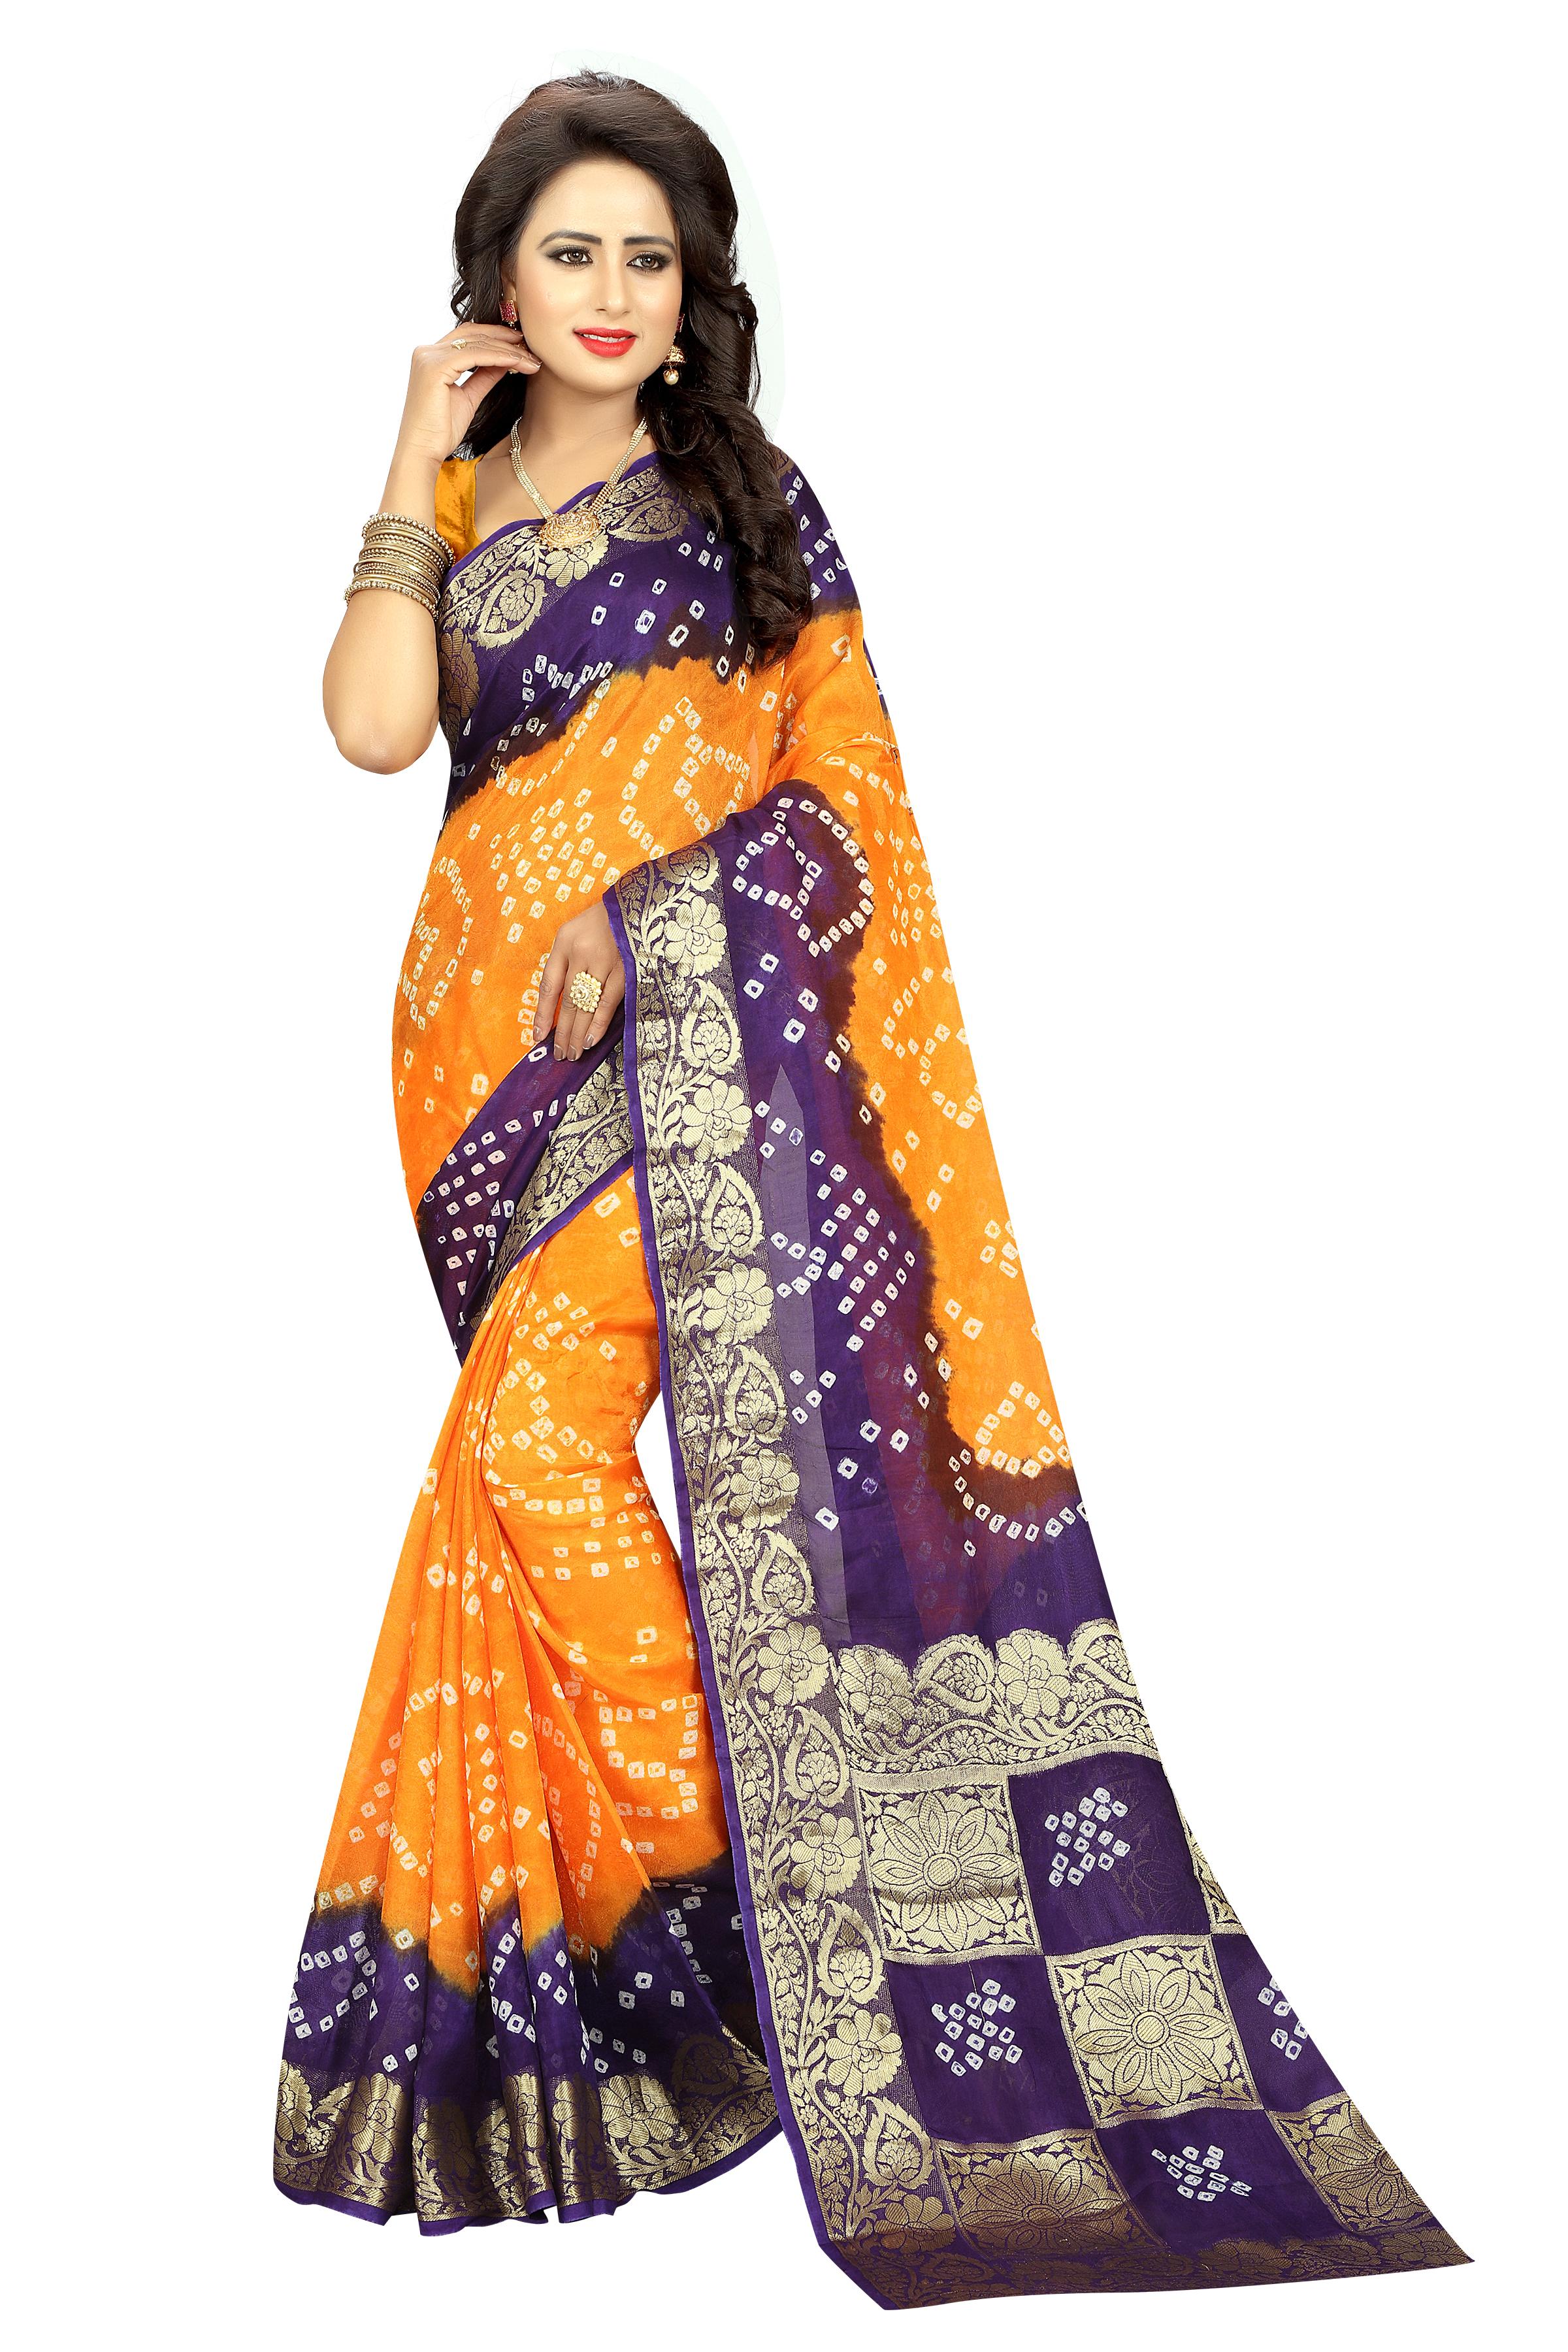 New Attractive Design pure Cotton Saree with Rich Pallu